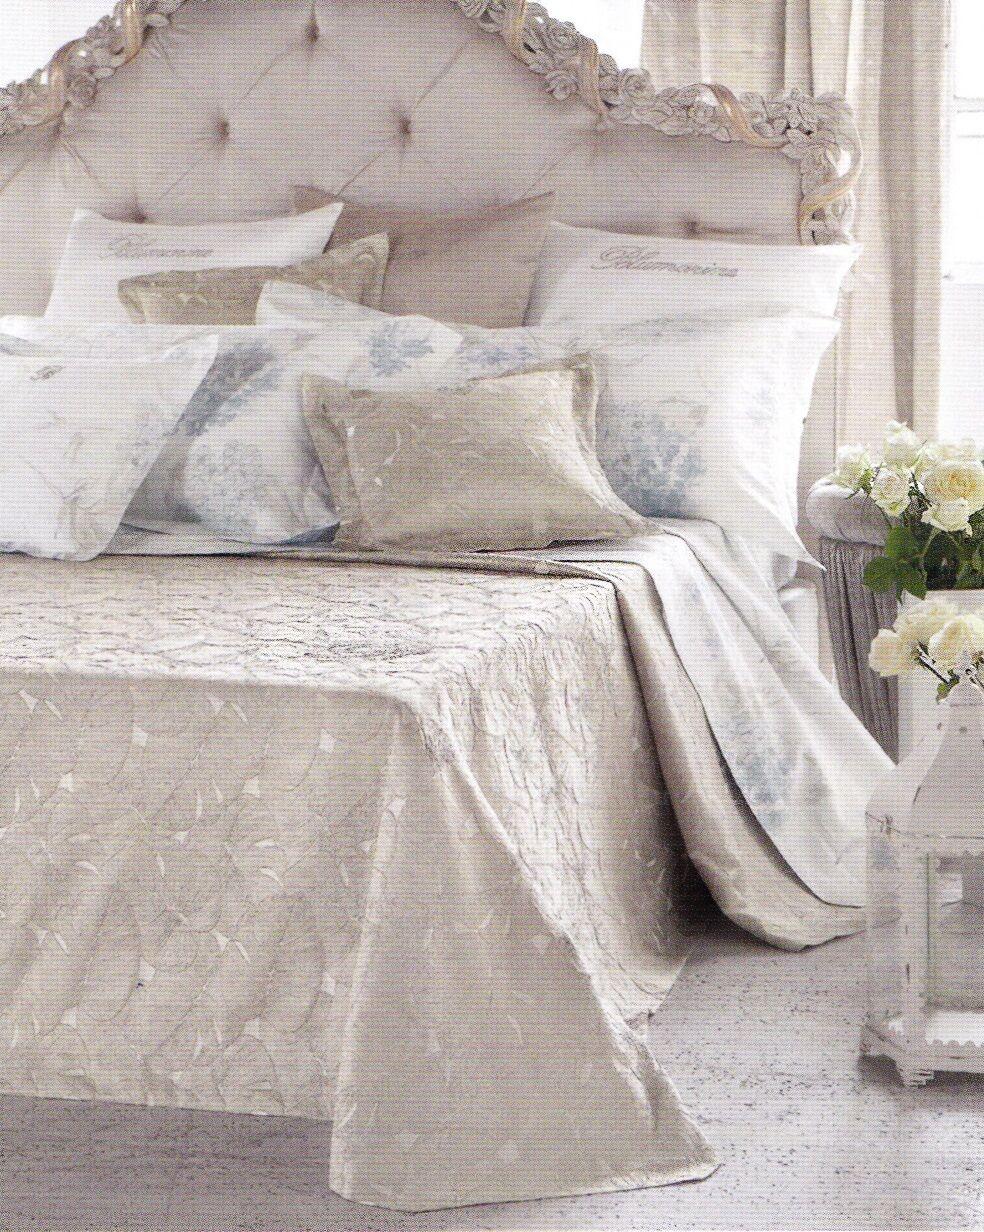 Copriletto liscio liscio liscio Jacquard con strass BlauMARINE, LAGO Blau Matrimoniale, 2 piazze 96d241